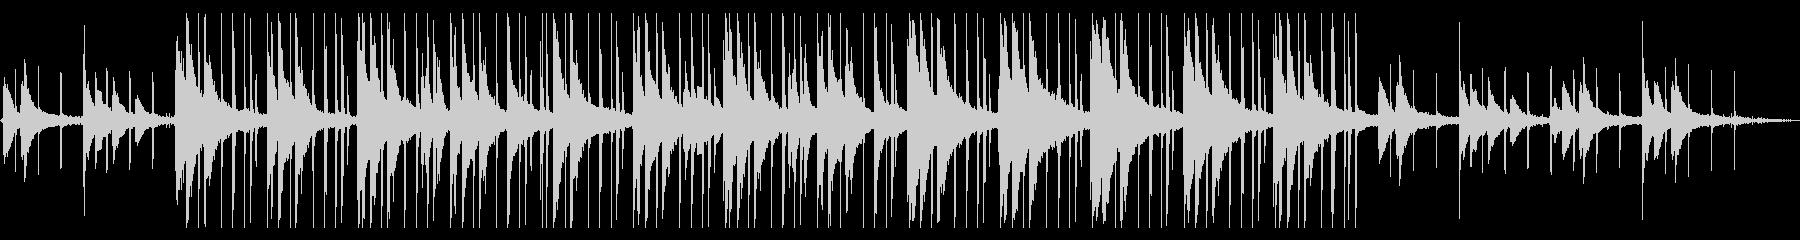 ゆらゆらするピアノLOFI HIPHOPの未再生の波形